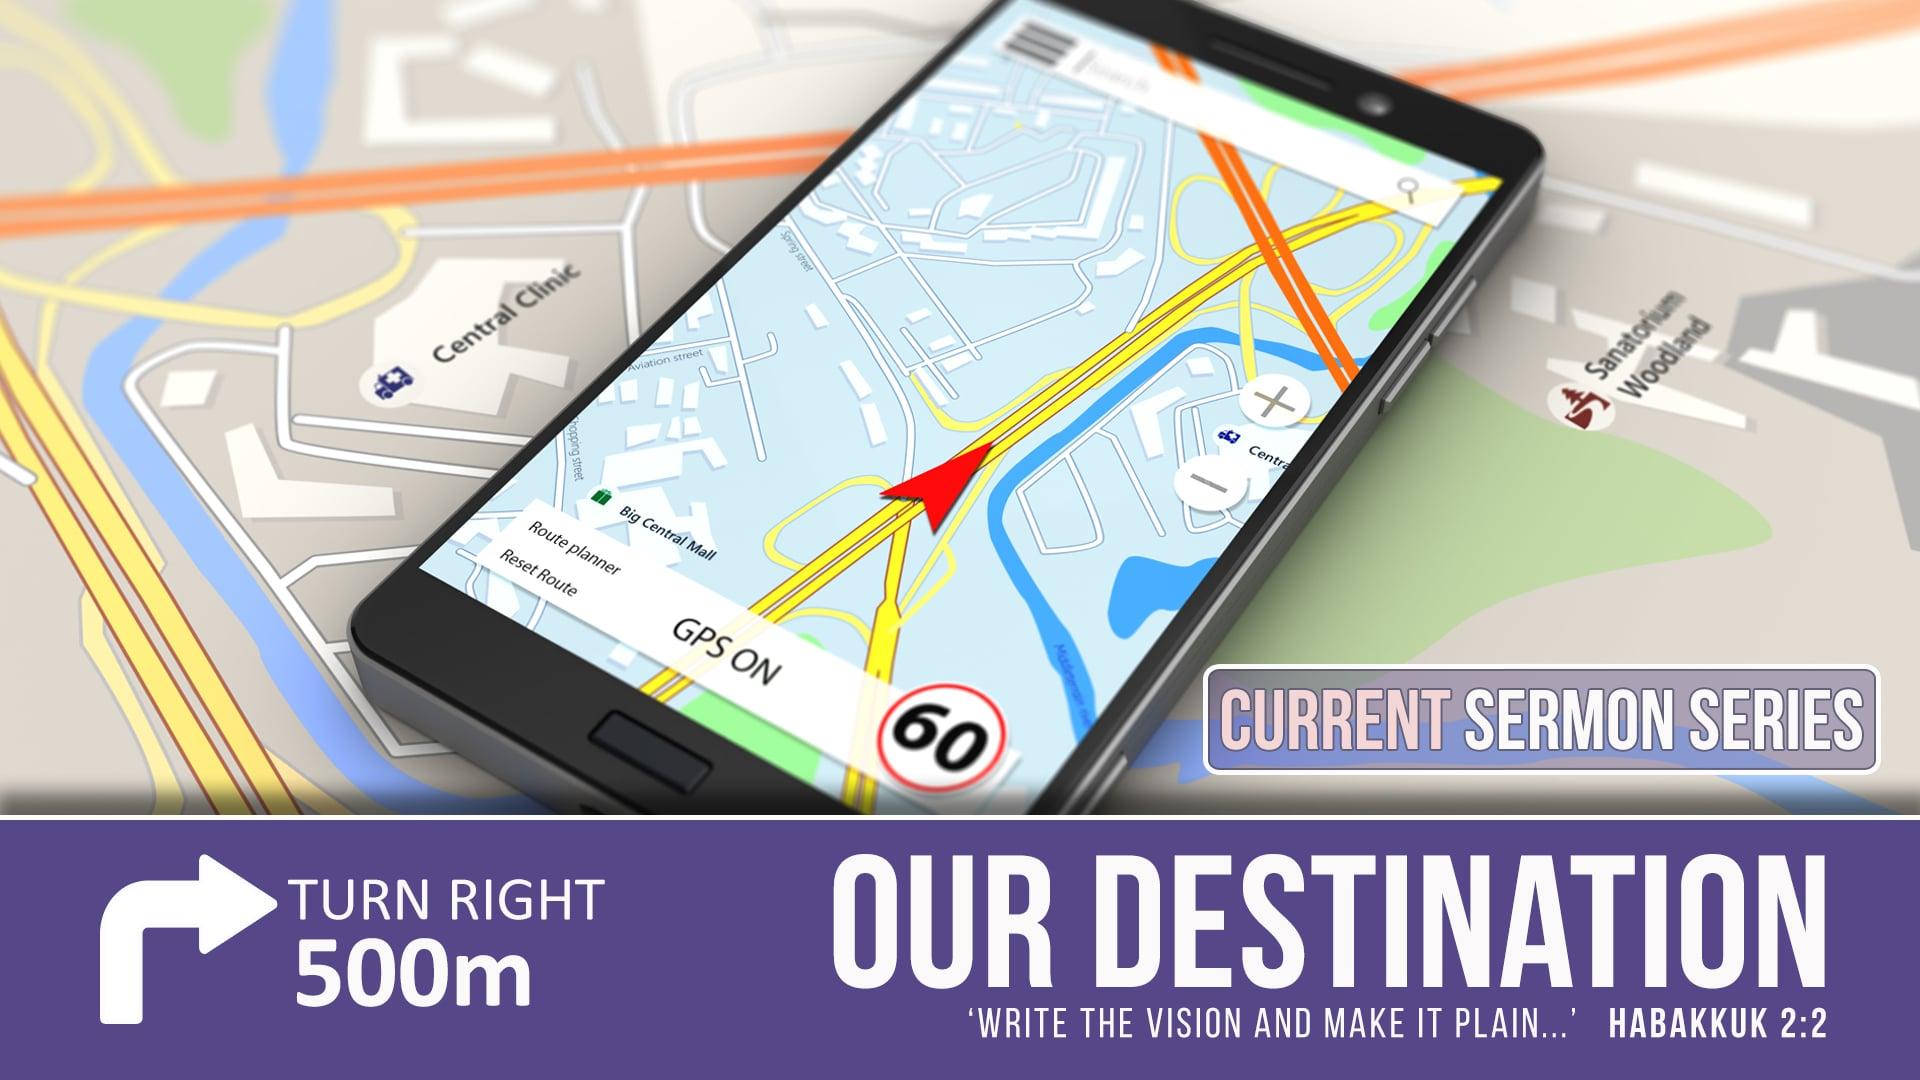 Our Destination - Part 1